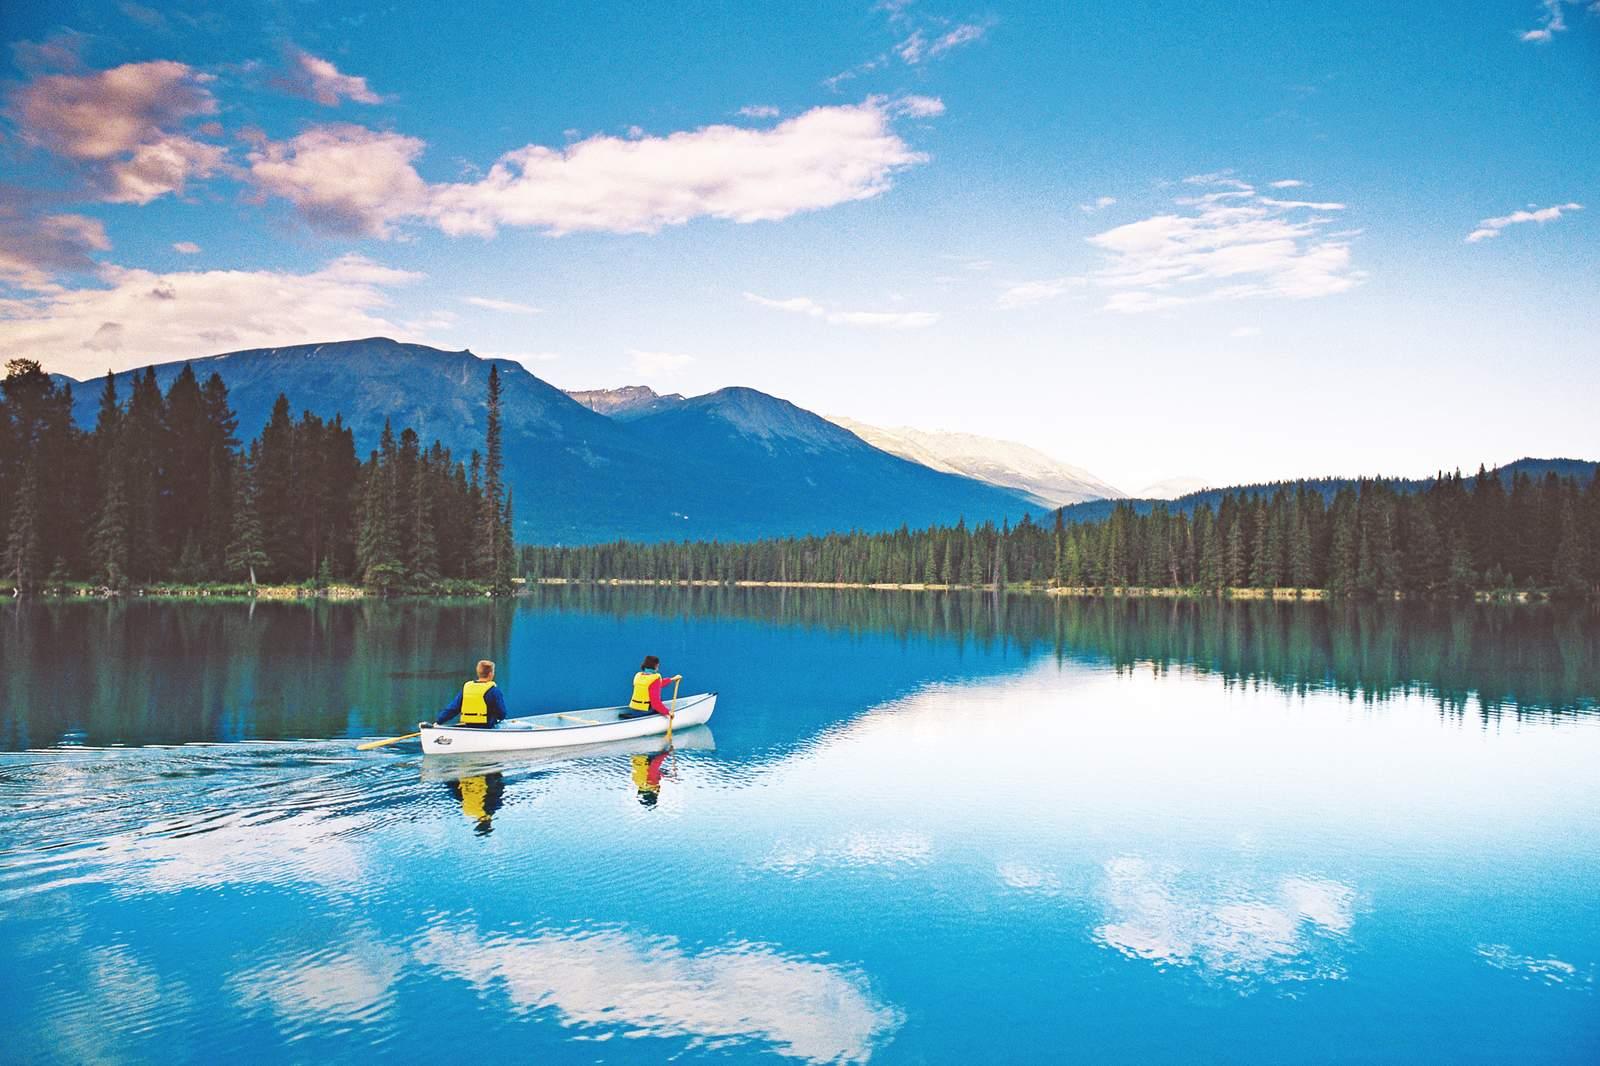 Kanu fahren auf dem Lac Beauvert